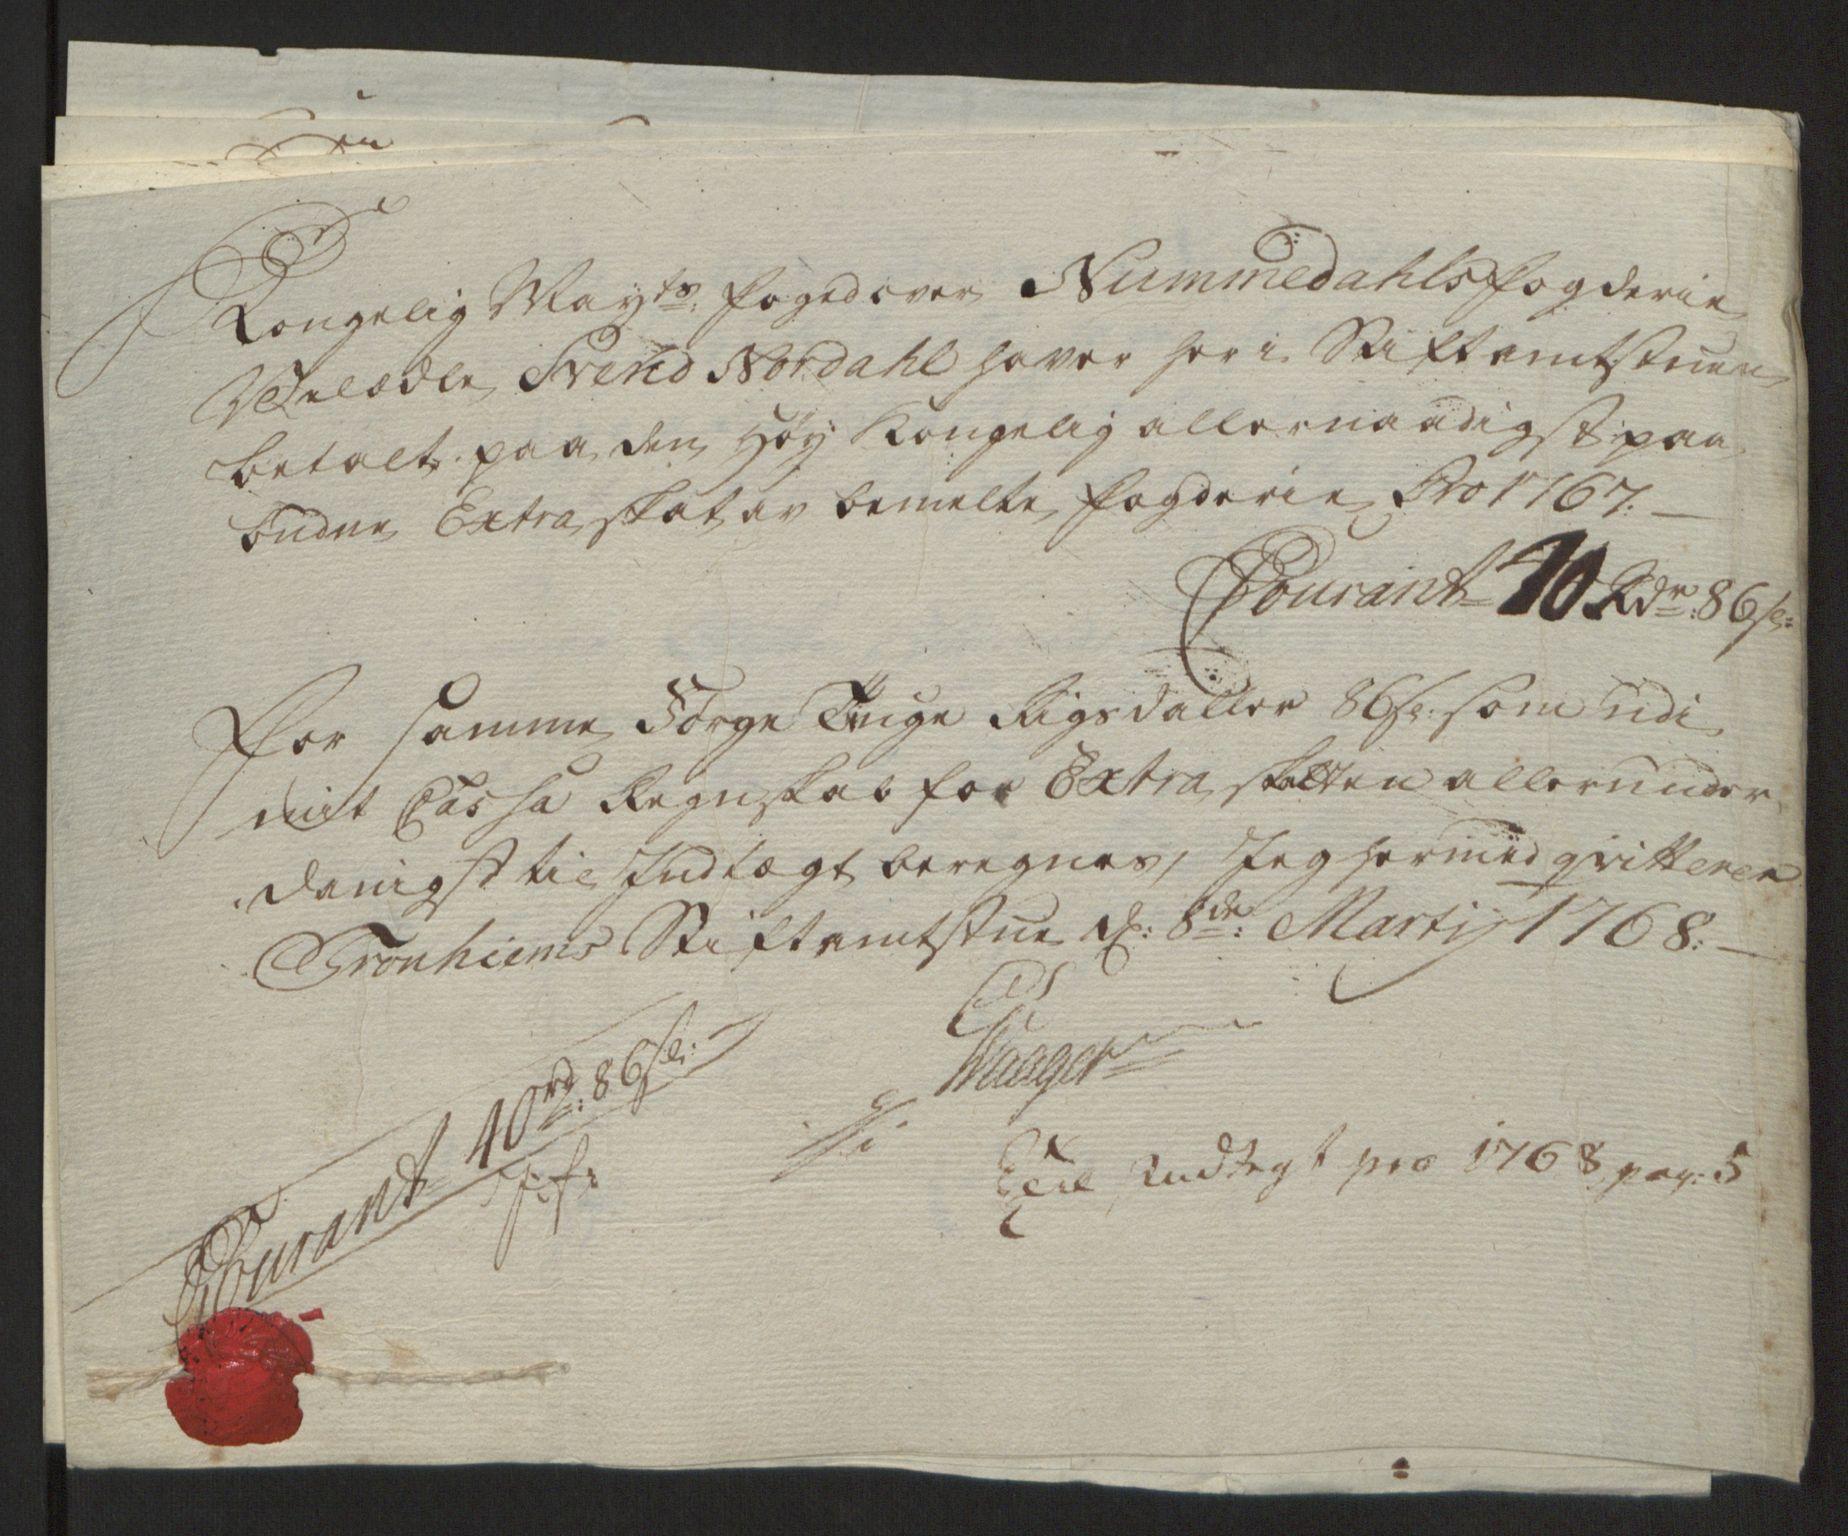 RA, Rentekammeret inntil 1814, Reviderte regnskaper, Fogderegnskap, R64/L4502: Ekstraskatten Namdal, 1762-1772, s. 278